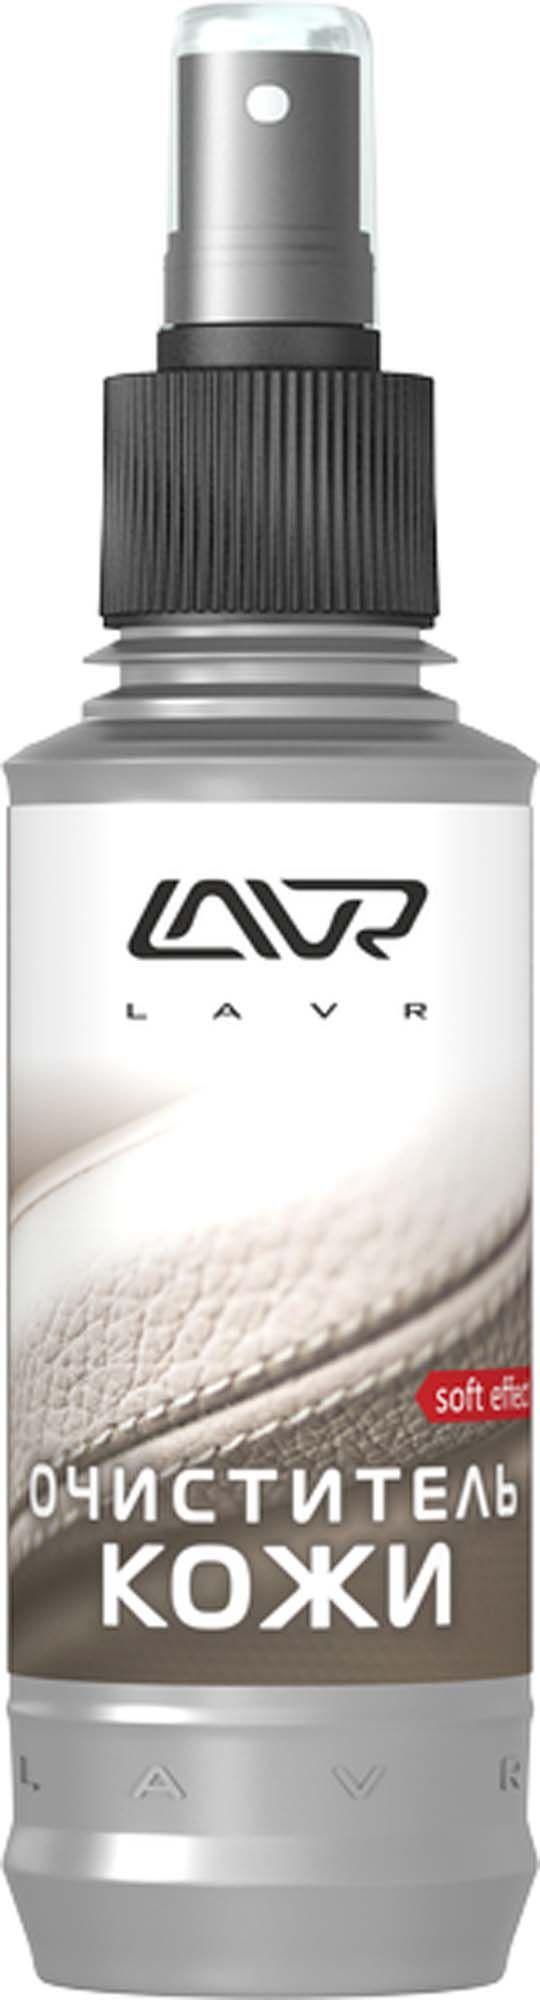 Очиститель кожи Lavr 185 мл Ln1470